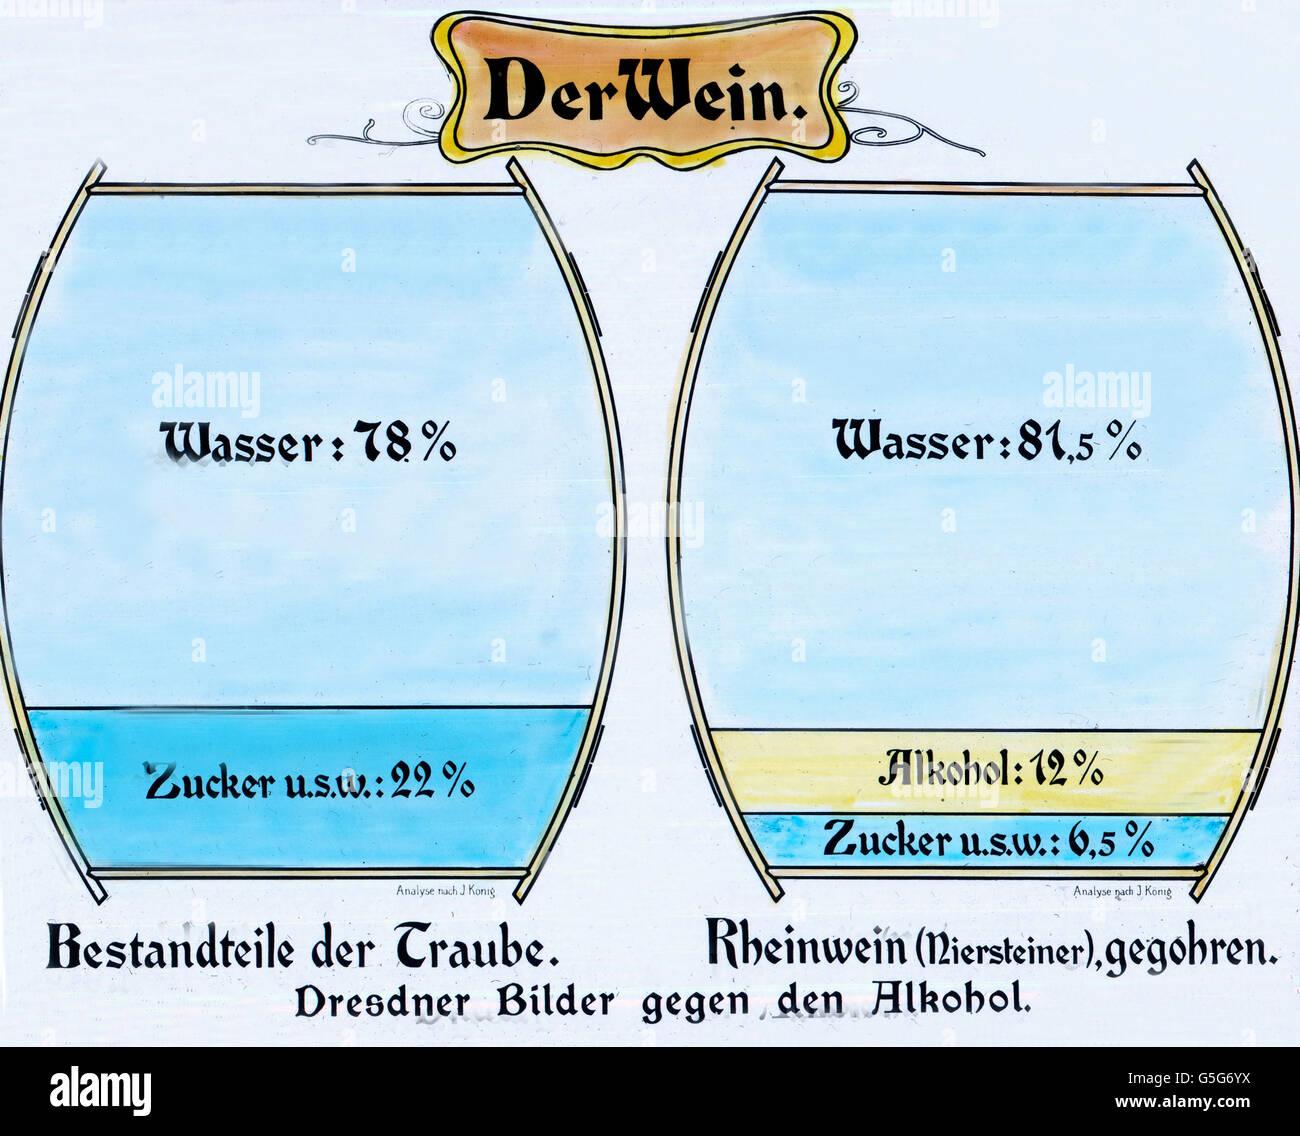 Schematische Darstellung der Bestandteile des Weins. Illustration of ...